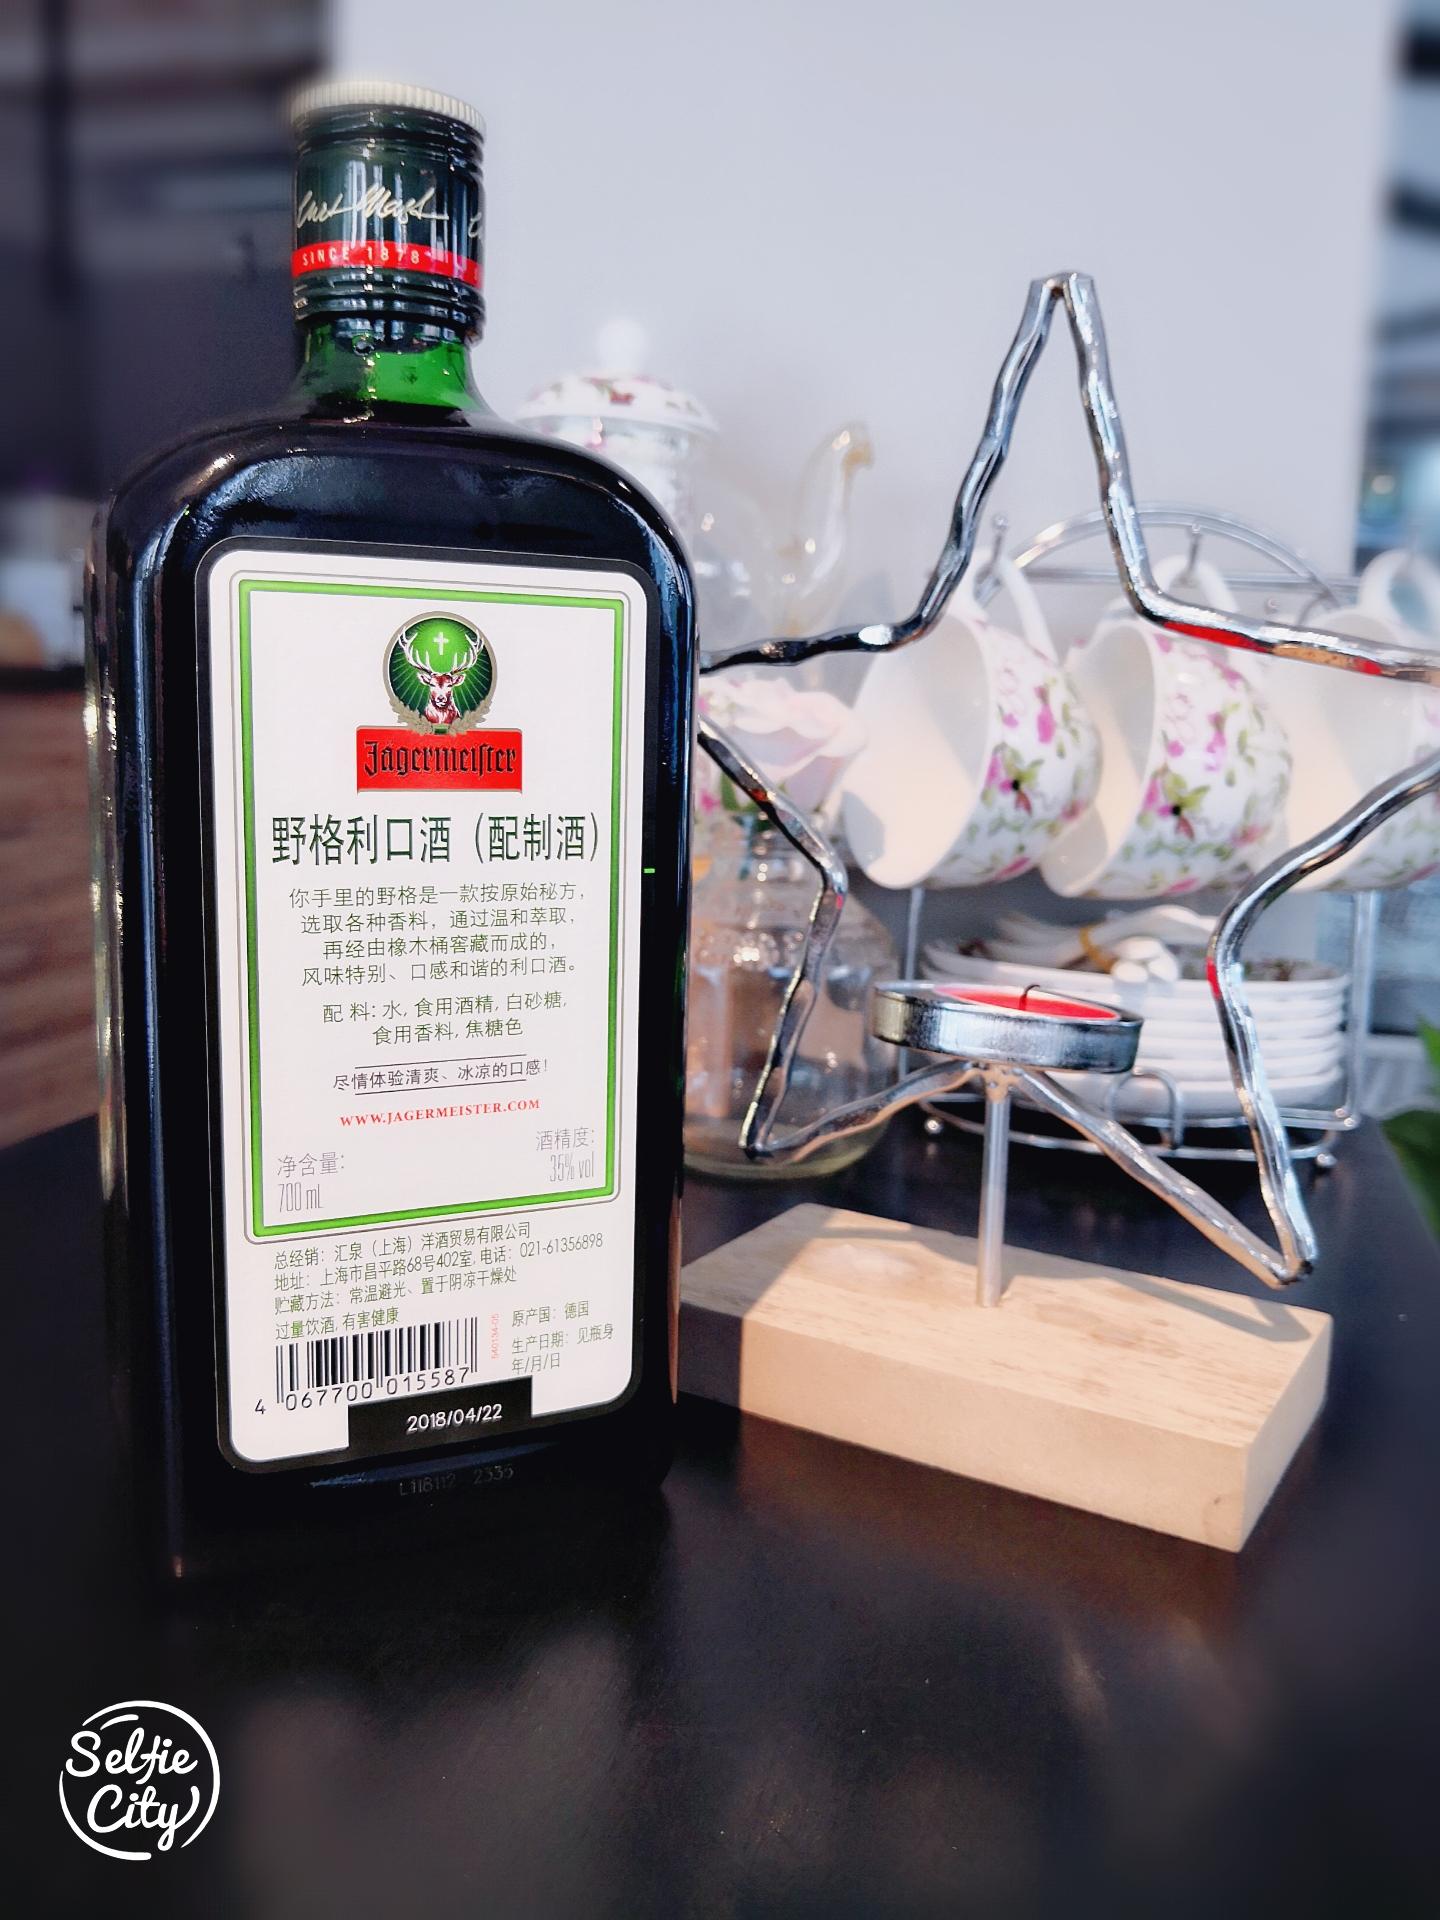 德国原装进口正品洋酒 JAGERMEIFTER 行货野格力娇酒野格圣鹿利口酒